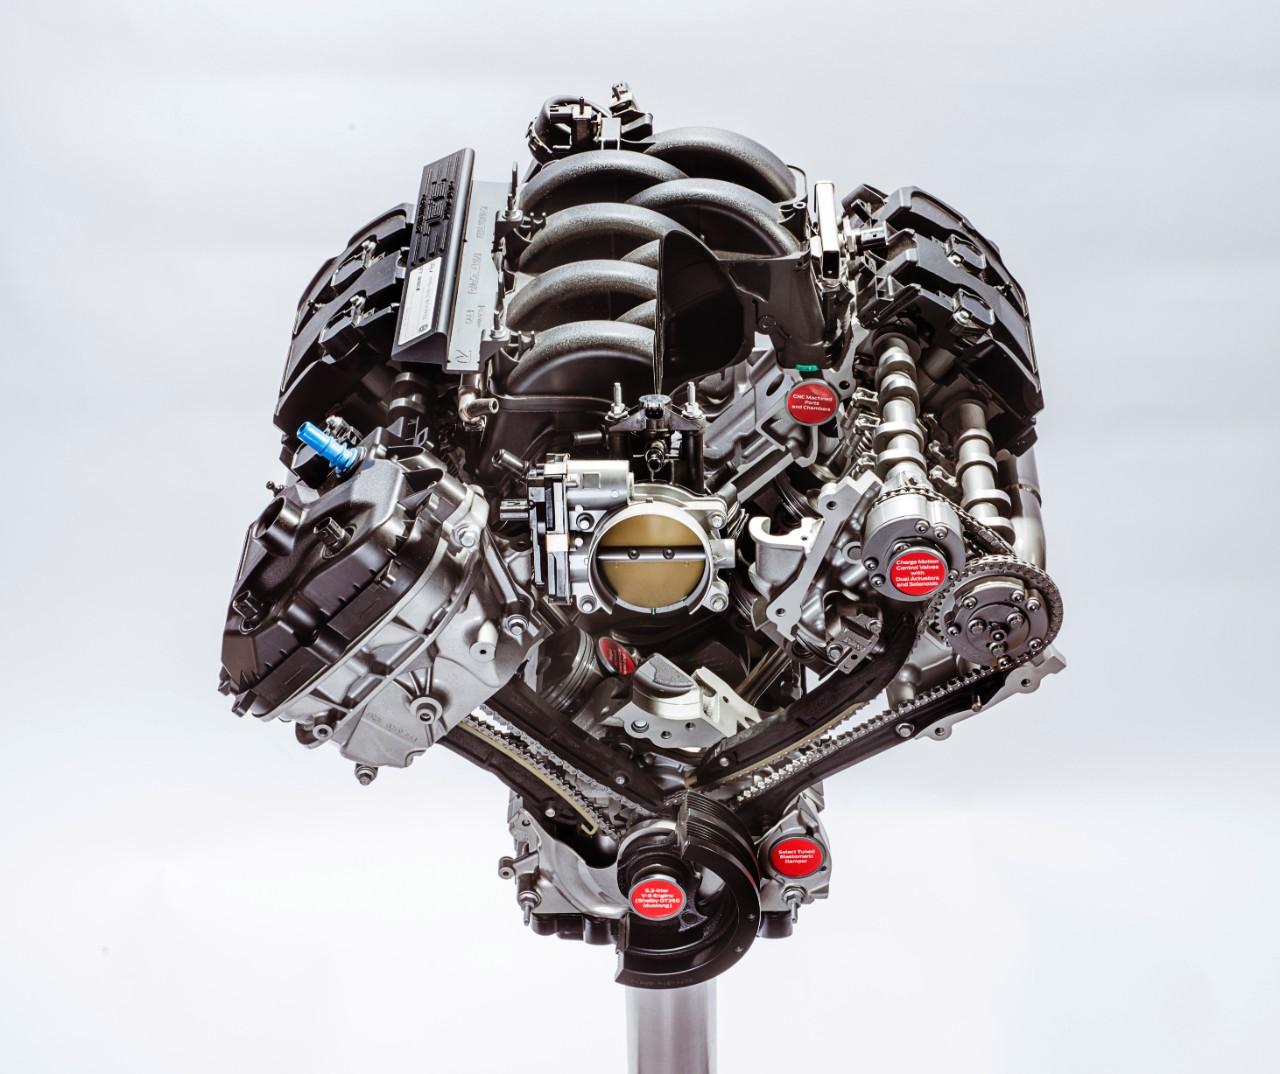 5.2-liter Flat-plane Crankshaft V8 Shelby GT350 (2)